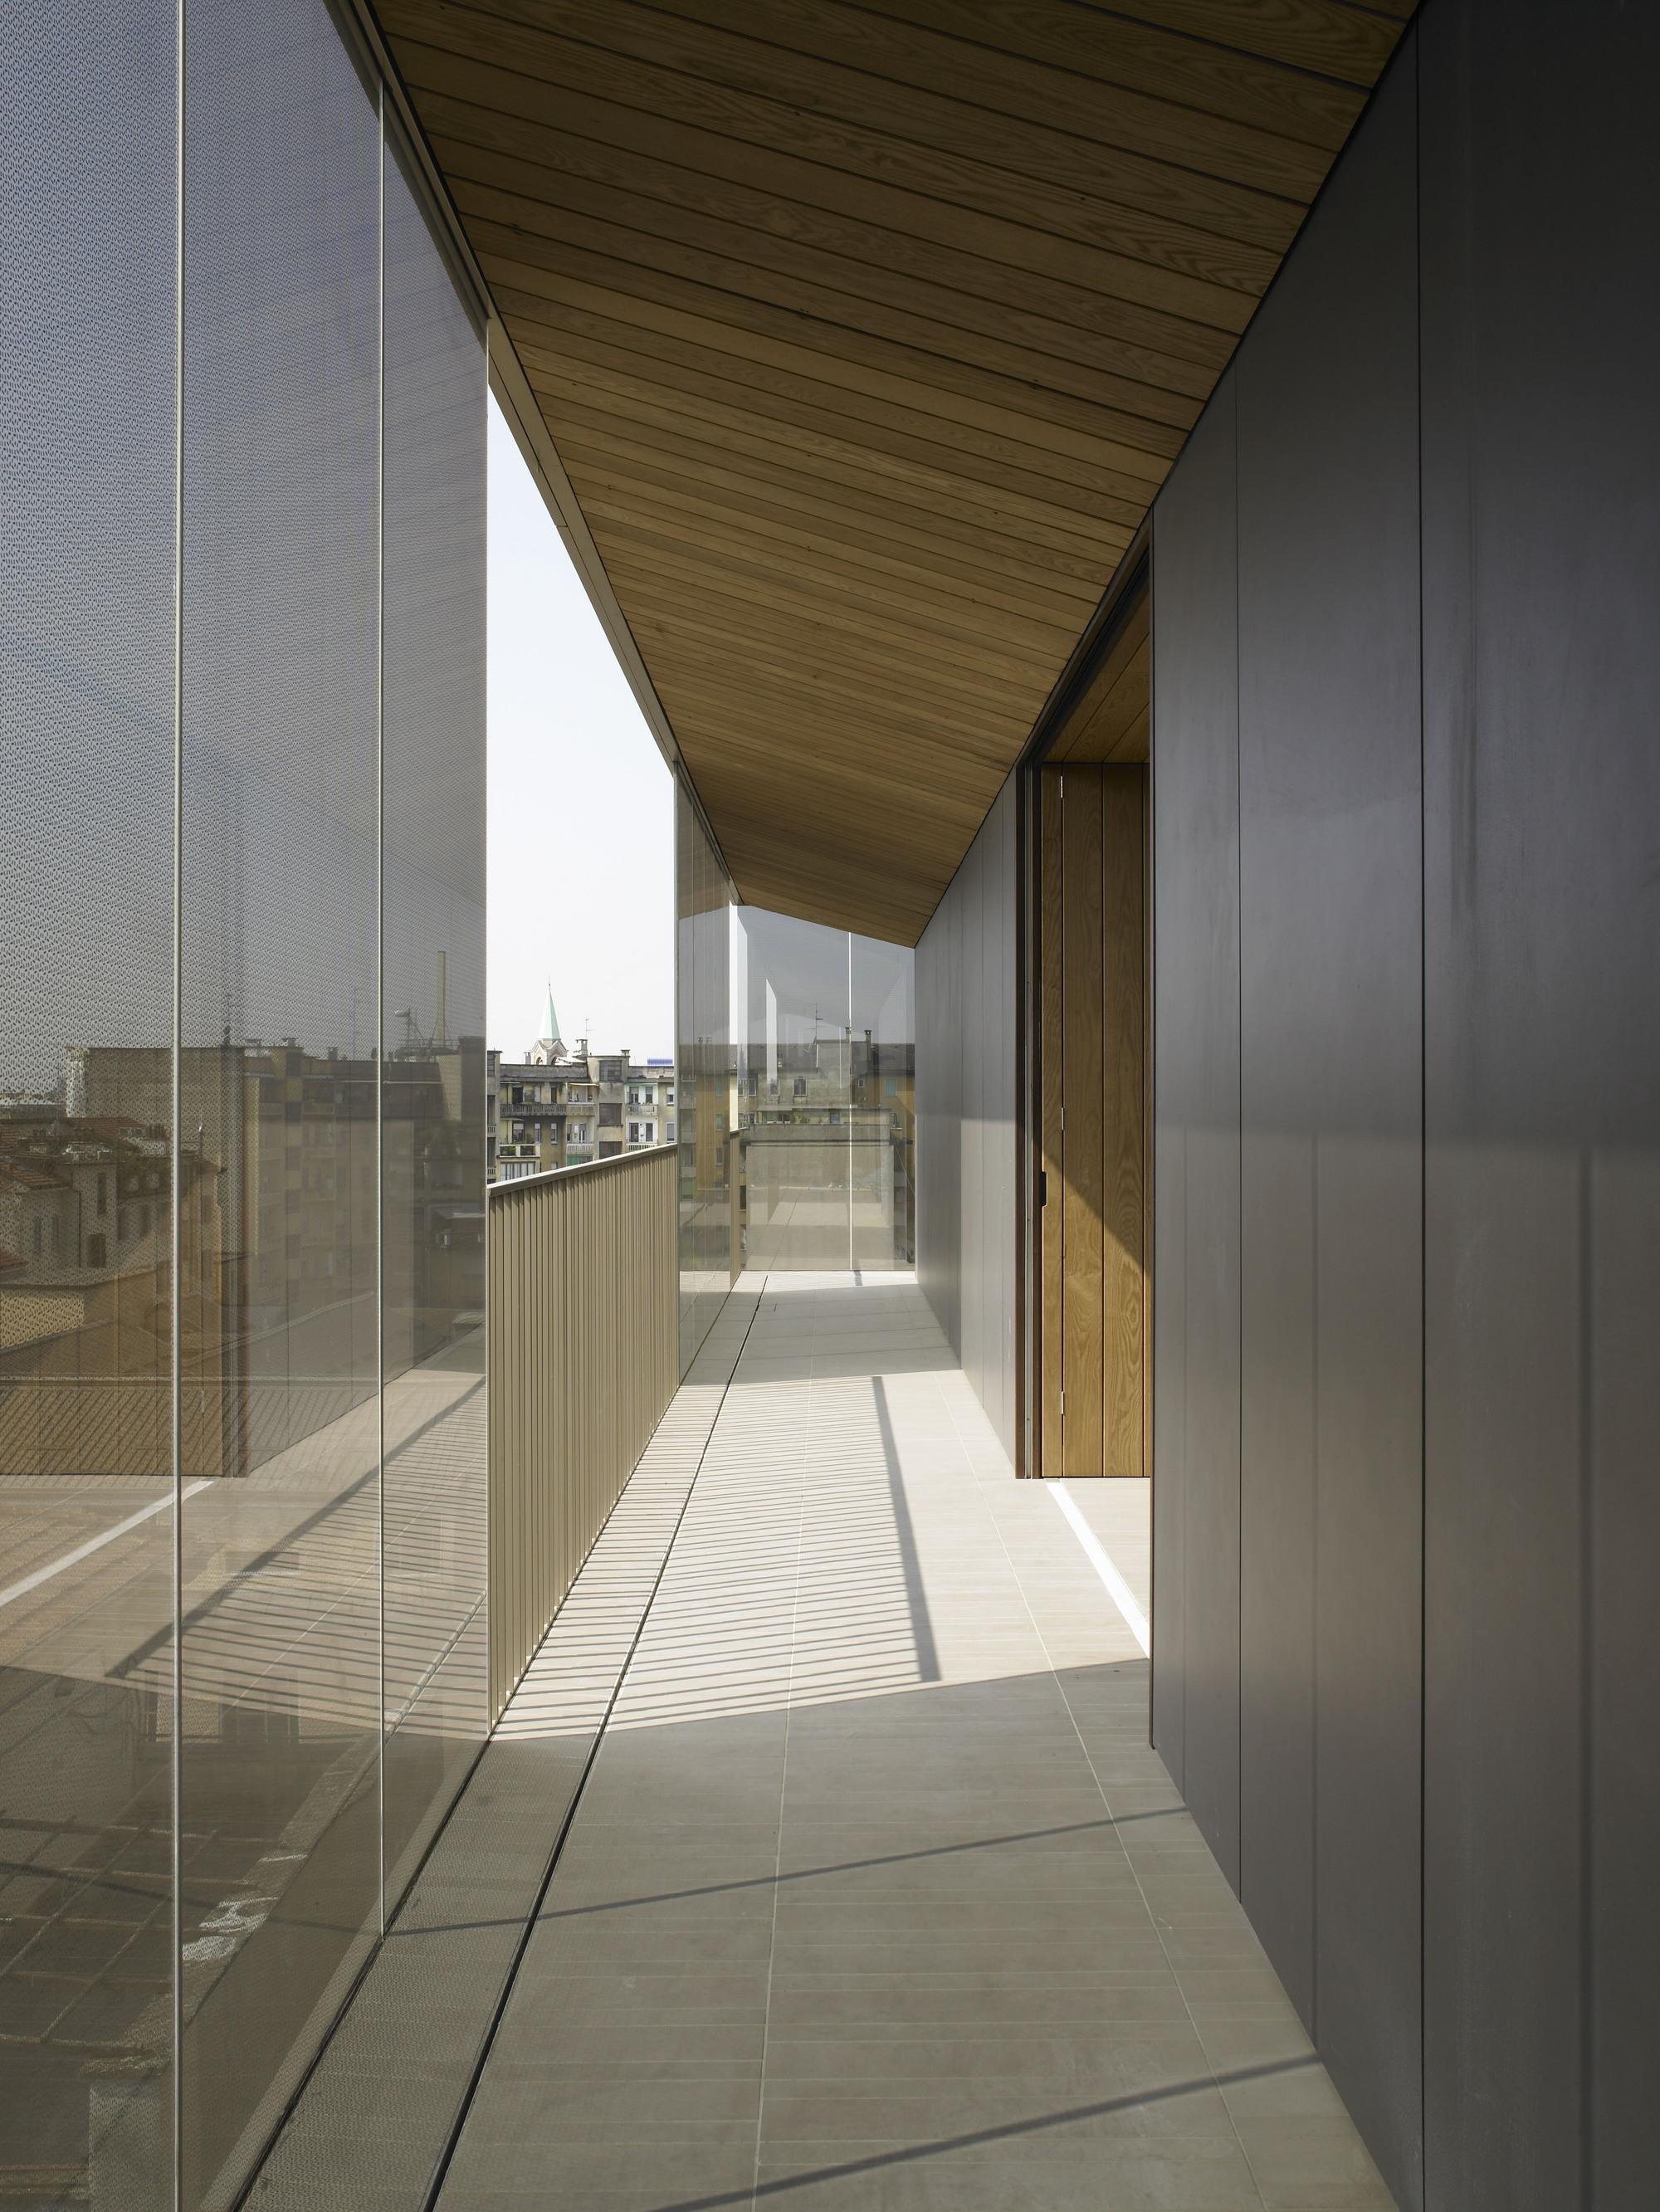 Studio La Sala Milano conversion of a building / antonio citterio patricia viel